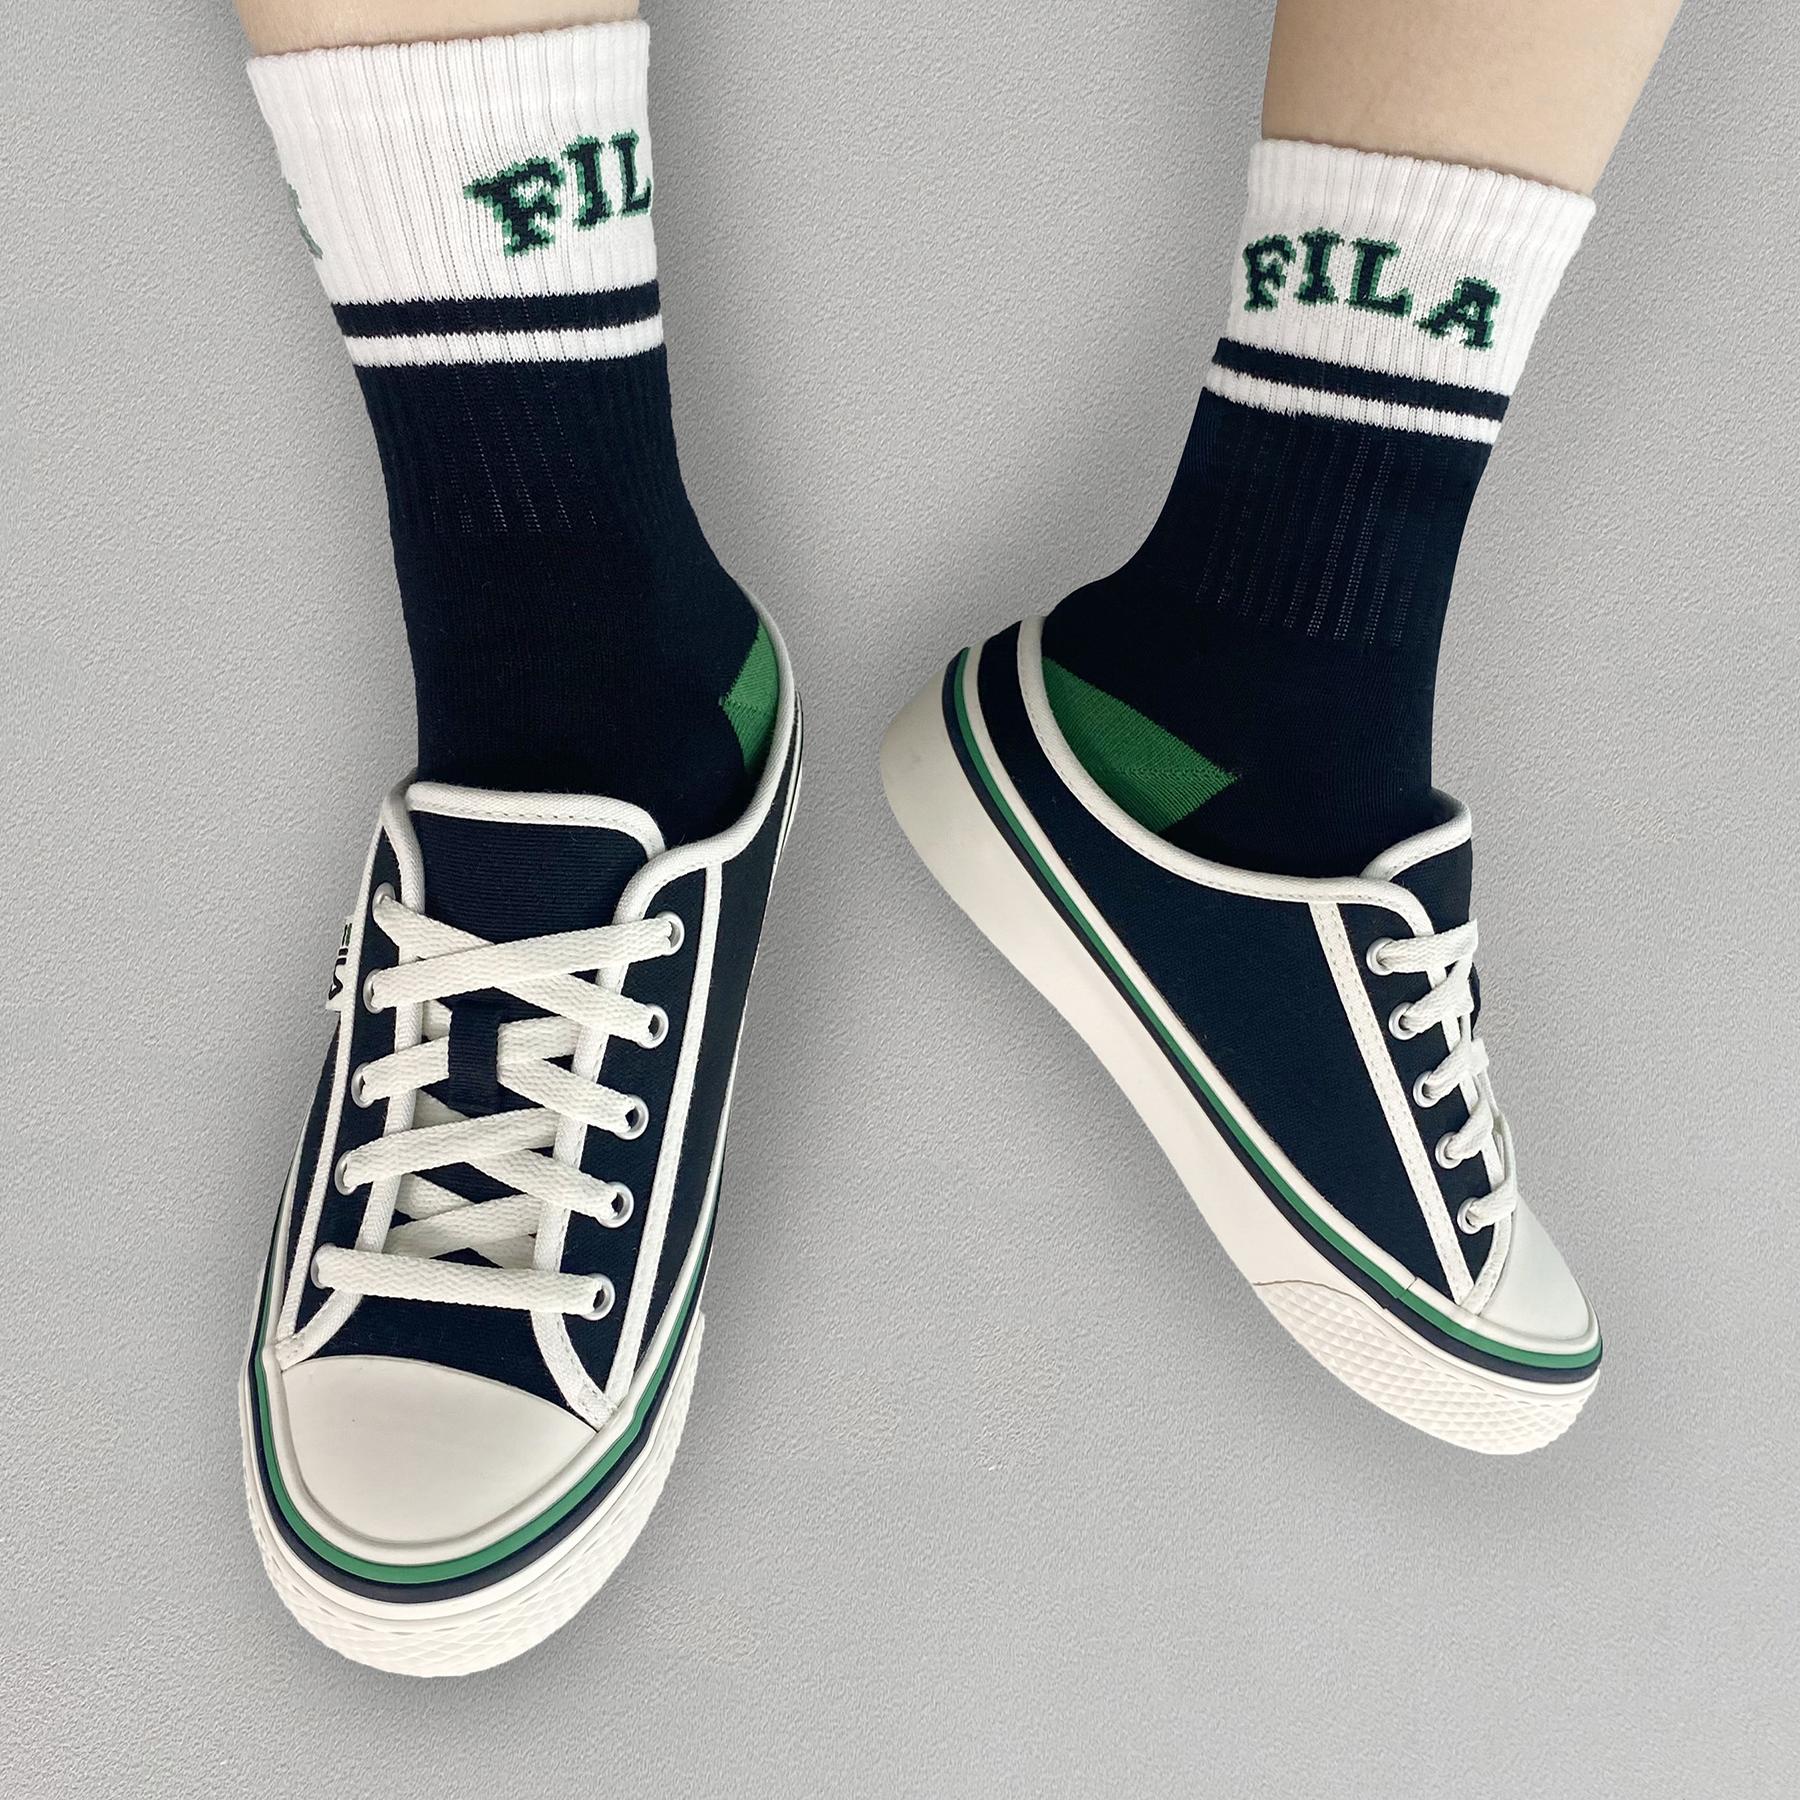 韓國FILA SCANLINE MULE 綁帶布鞋 (綠黑色)